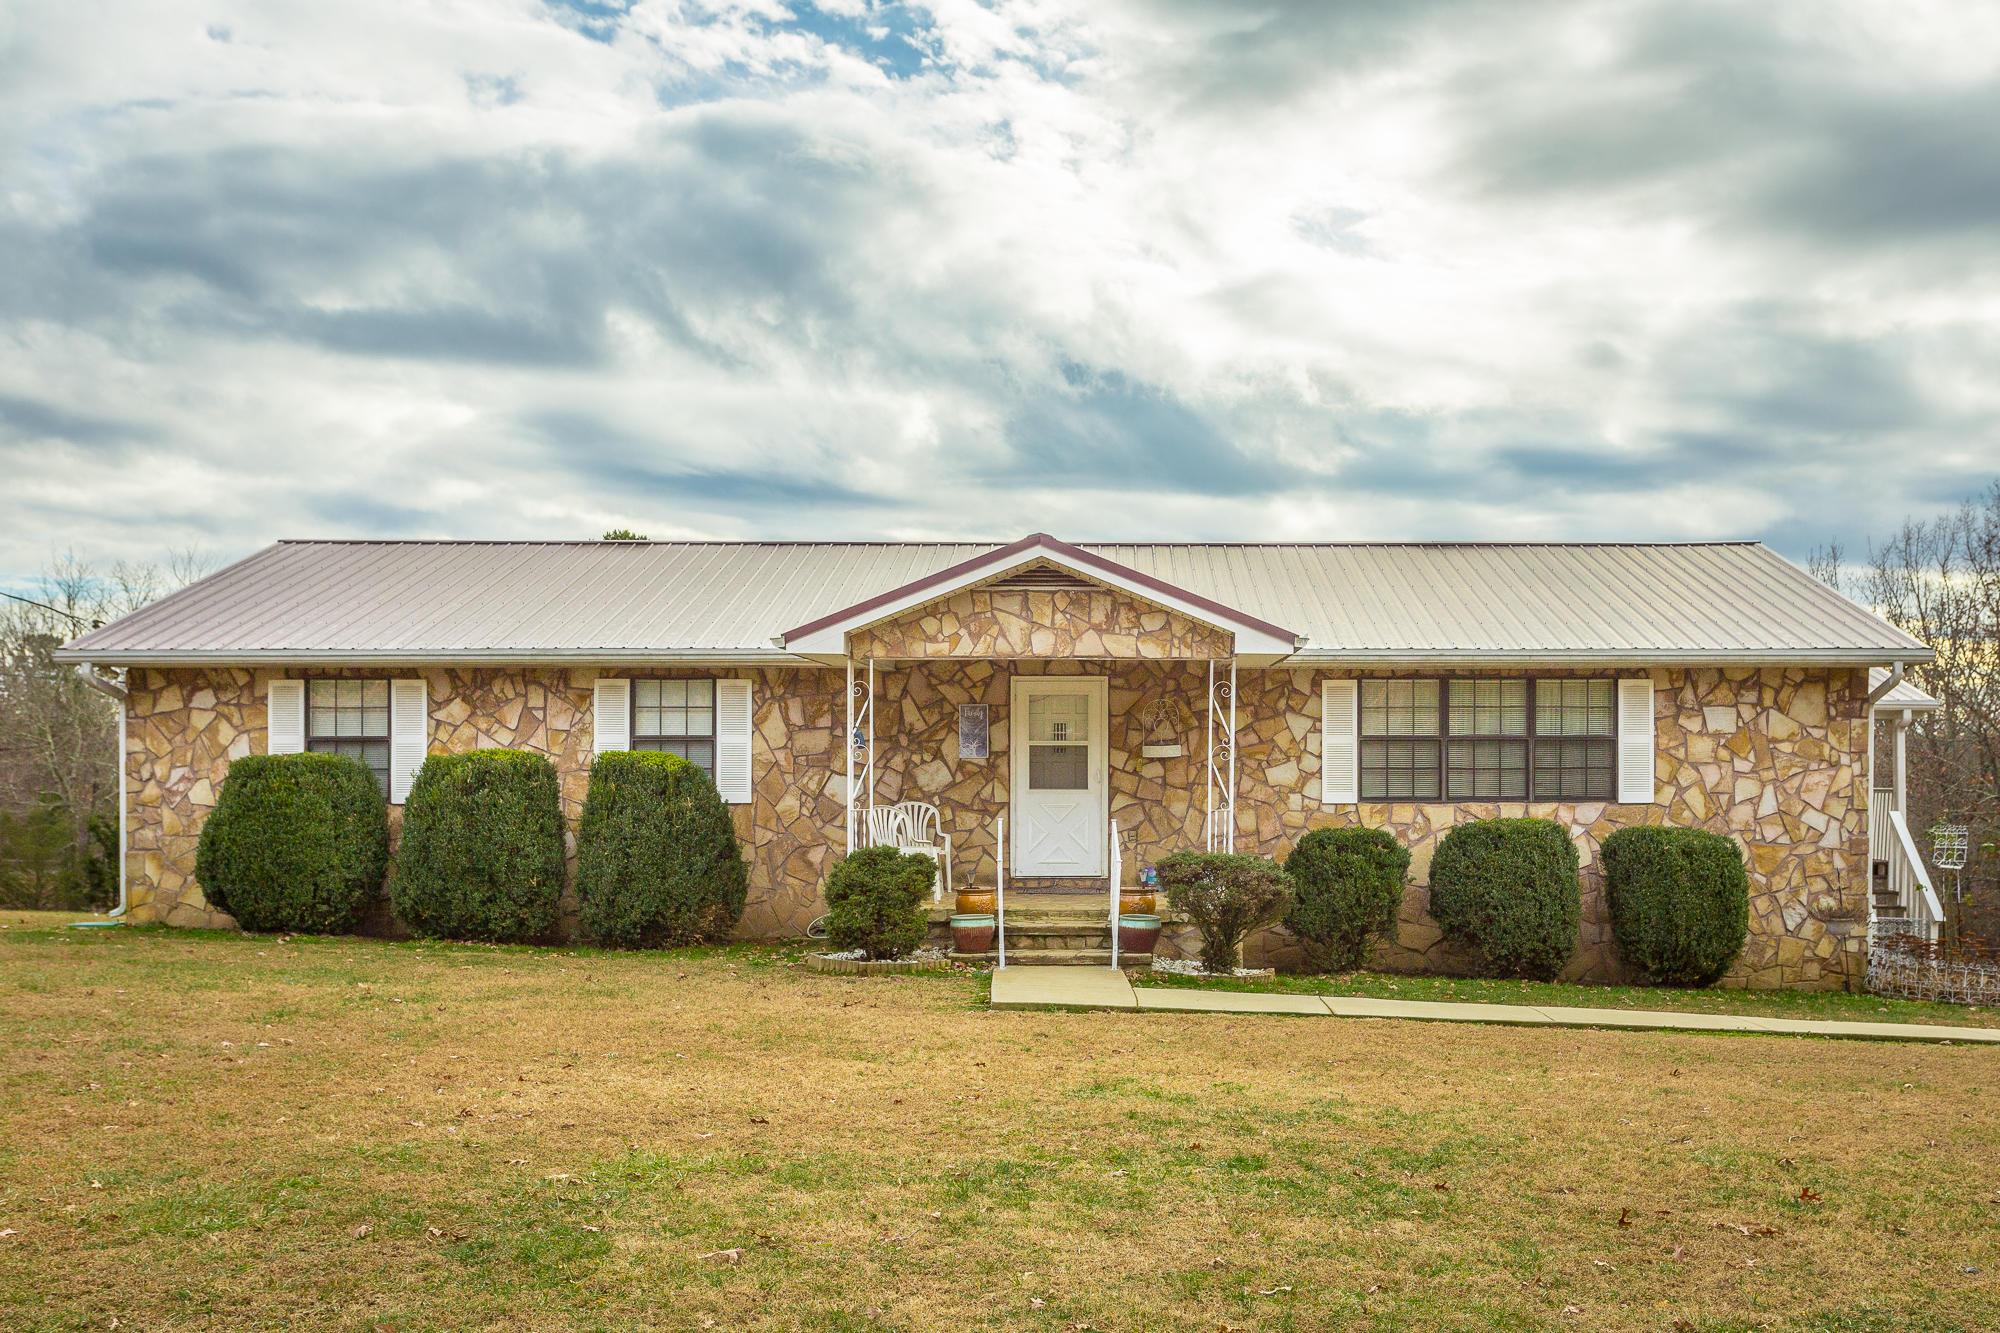 948 Vineyard Point Rd, Sequatchie, TN 37374